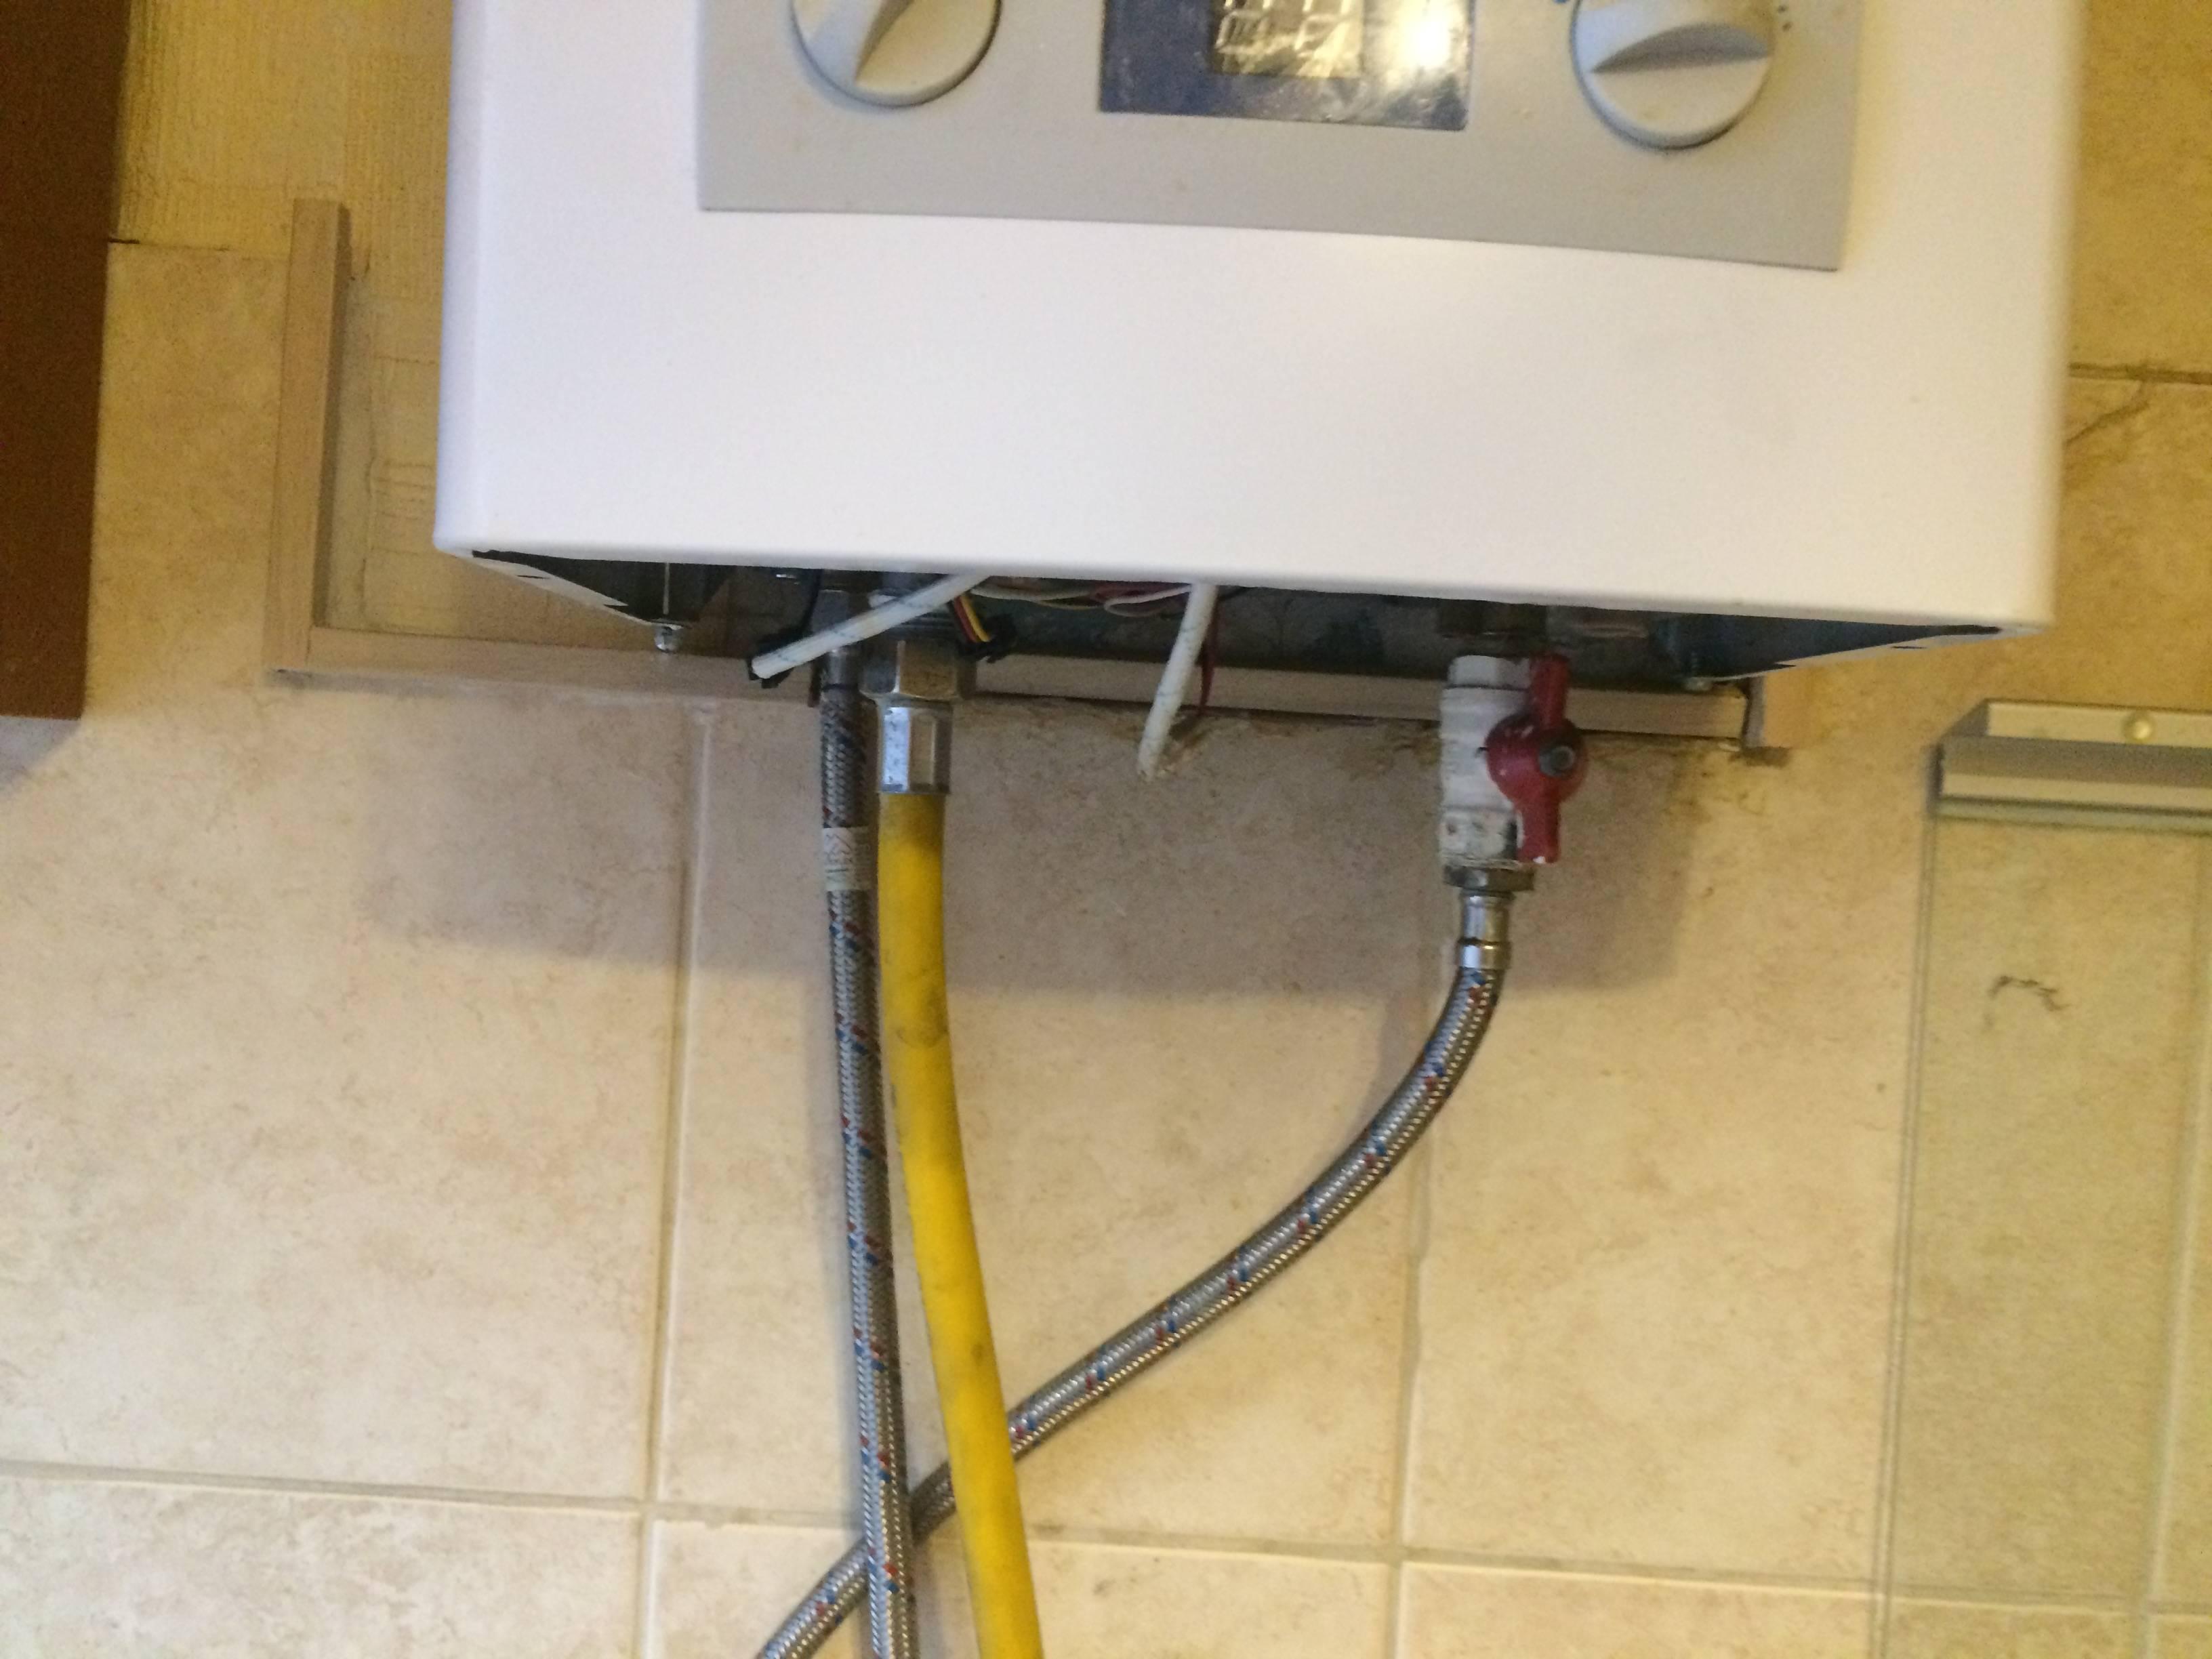 Как правильно подключить газовую плиту в квартире